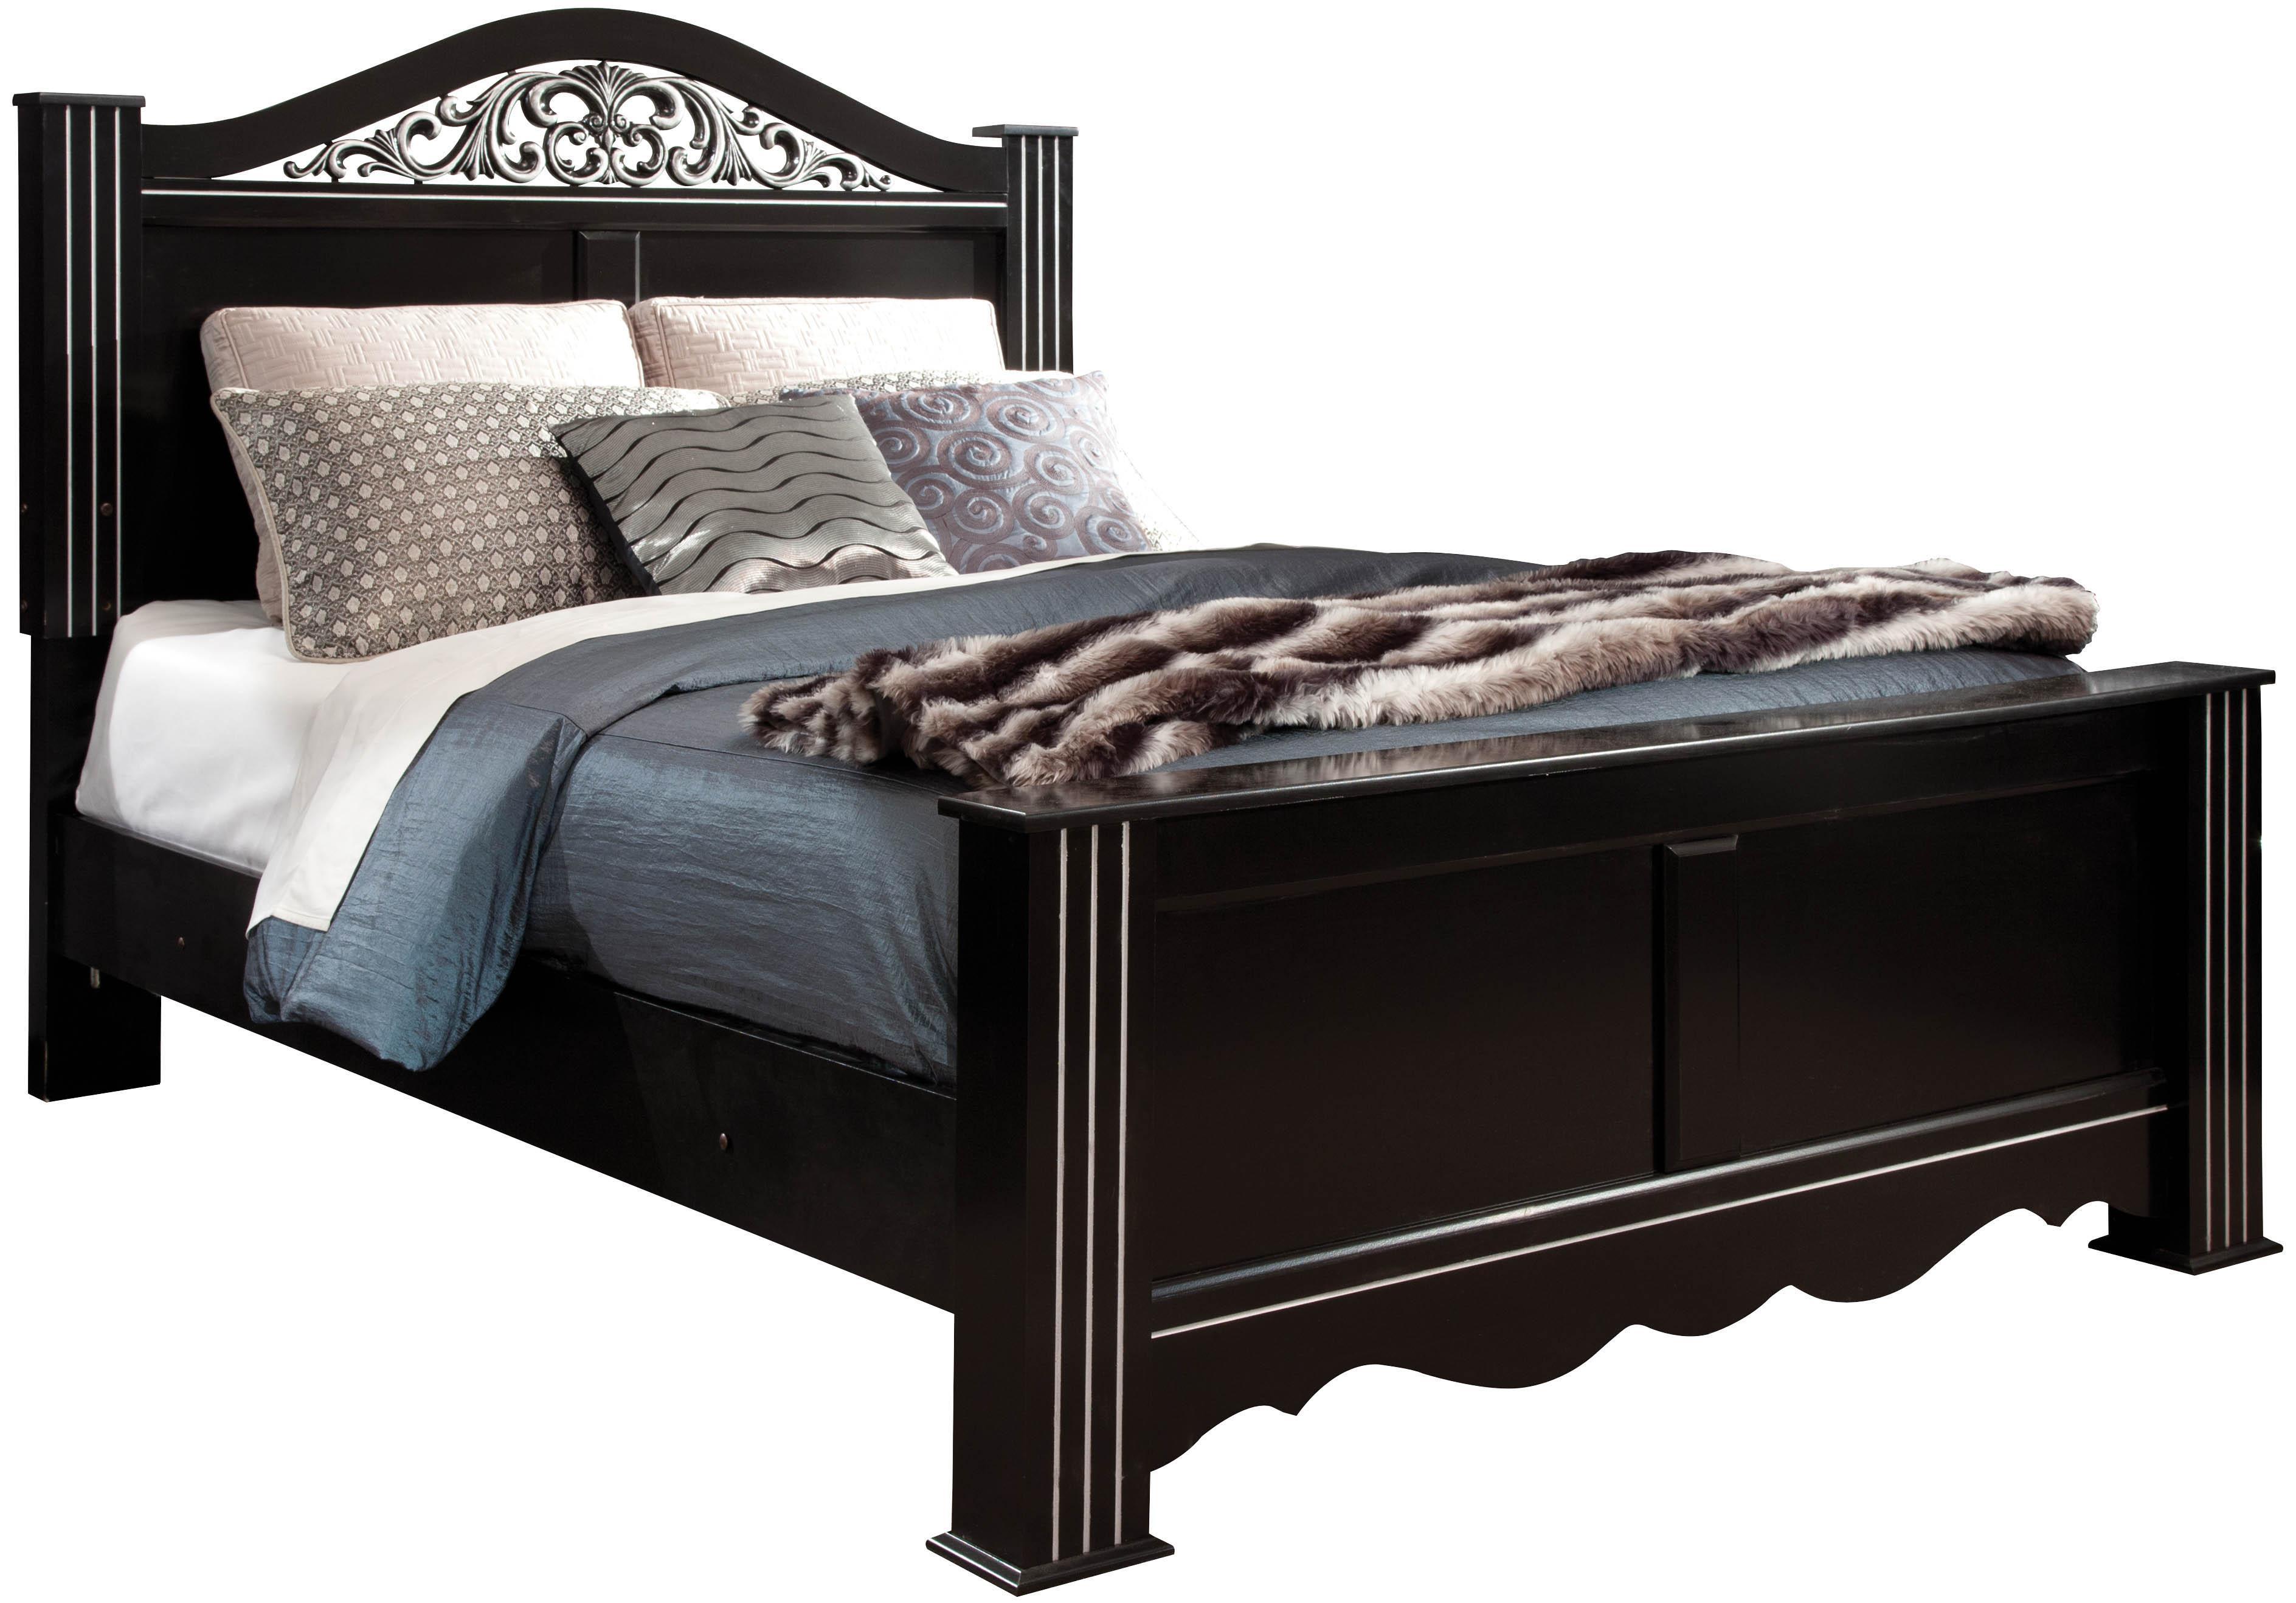 Standard Furniture Odessa King Poster Bed - Item Number: 69566+69570+69576